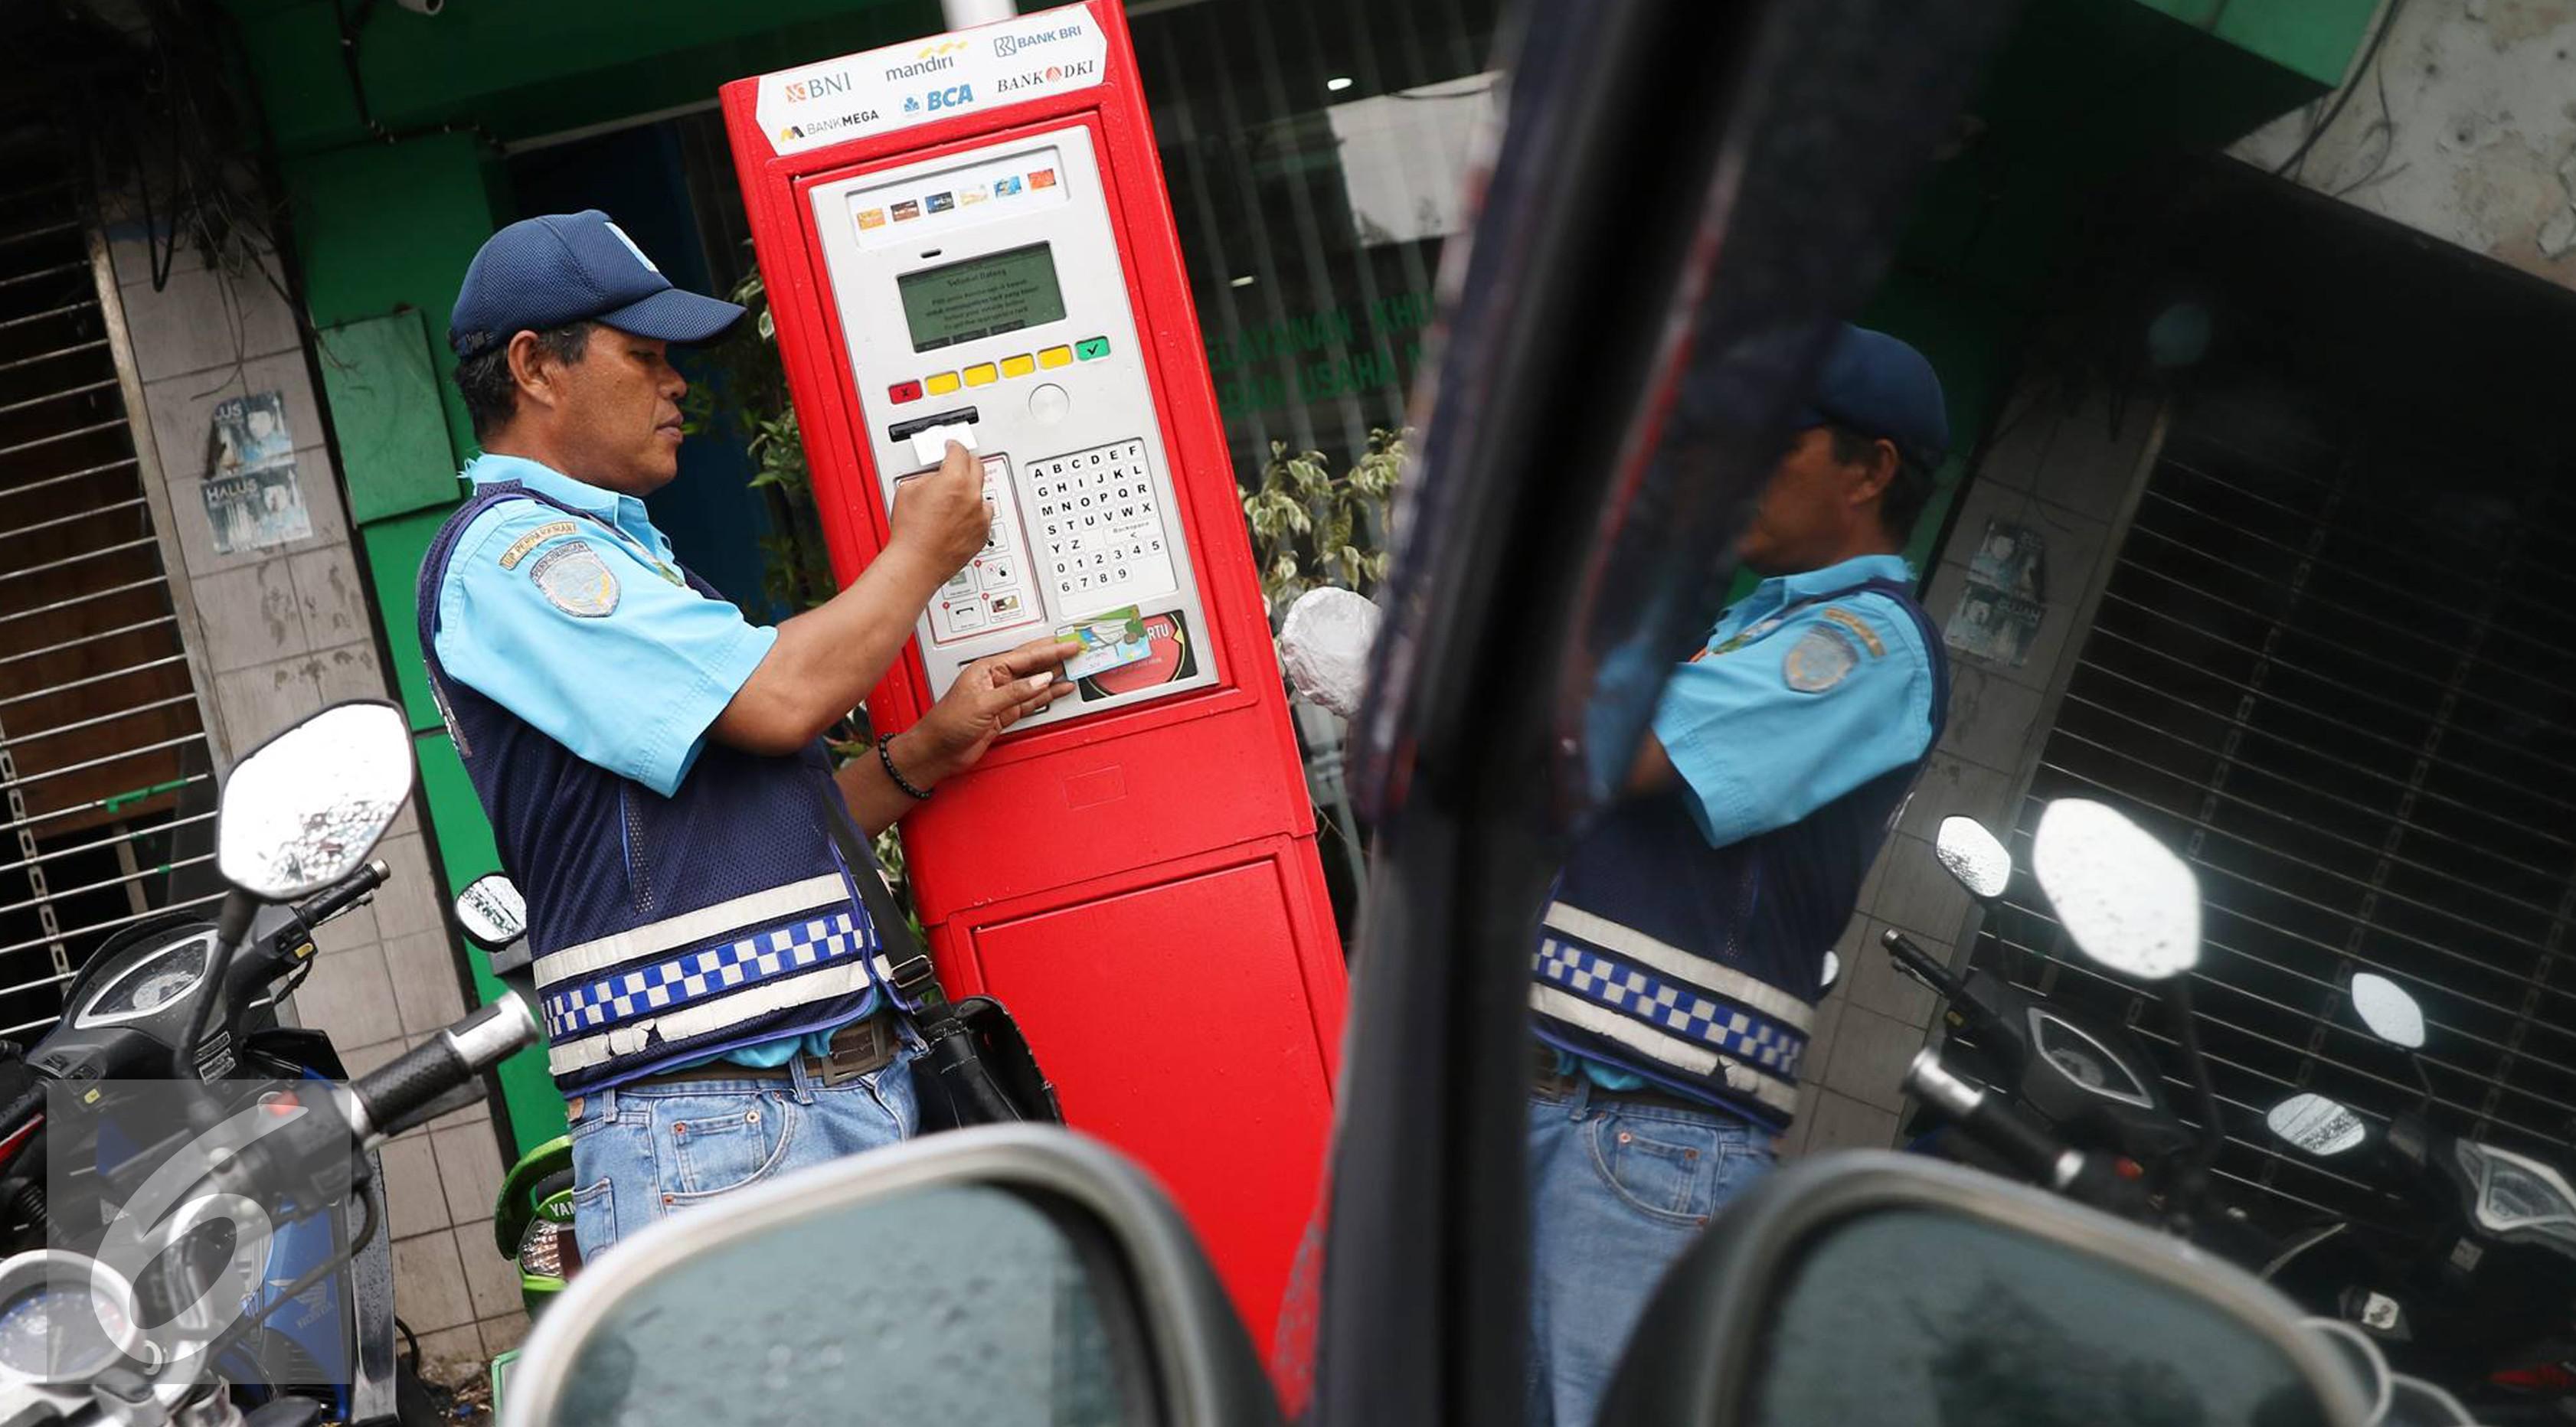 Ilustrasi penggunaan parkir meter. (Liputan6.com/Immanuel Antonius)